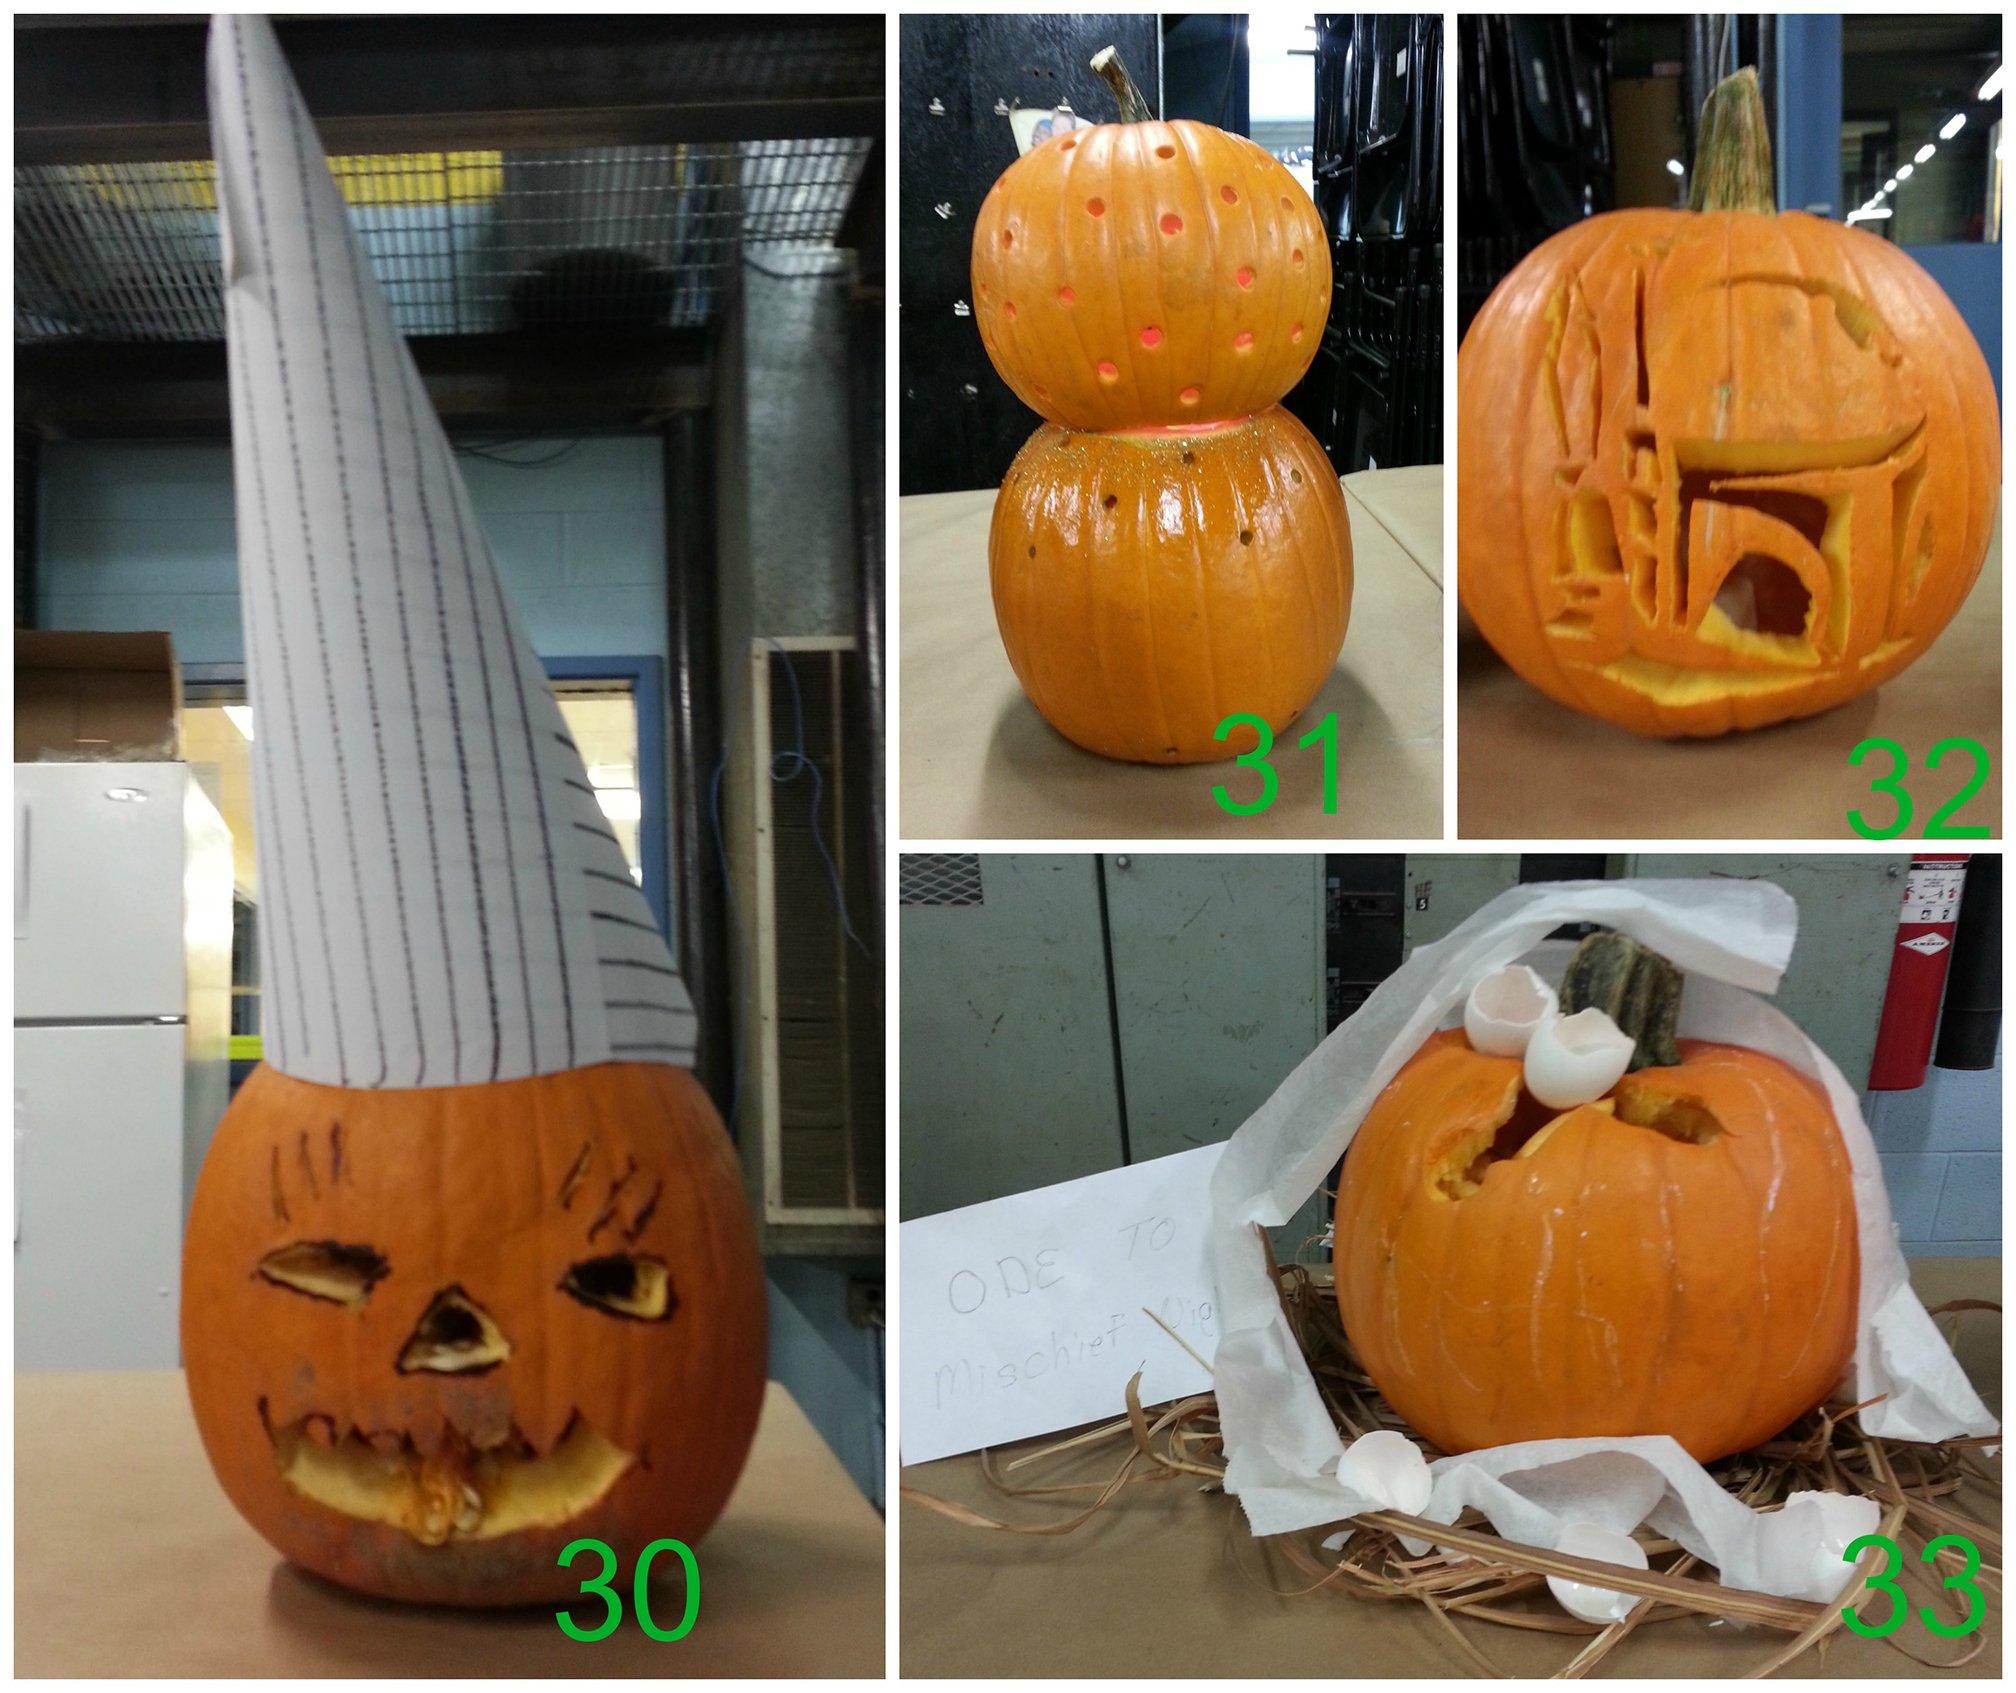 PumpkinCollage 6